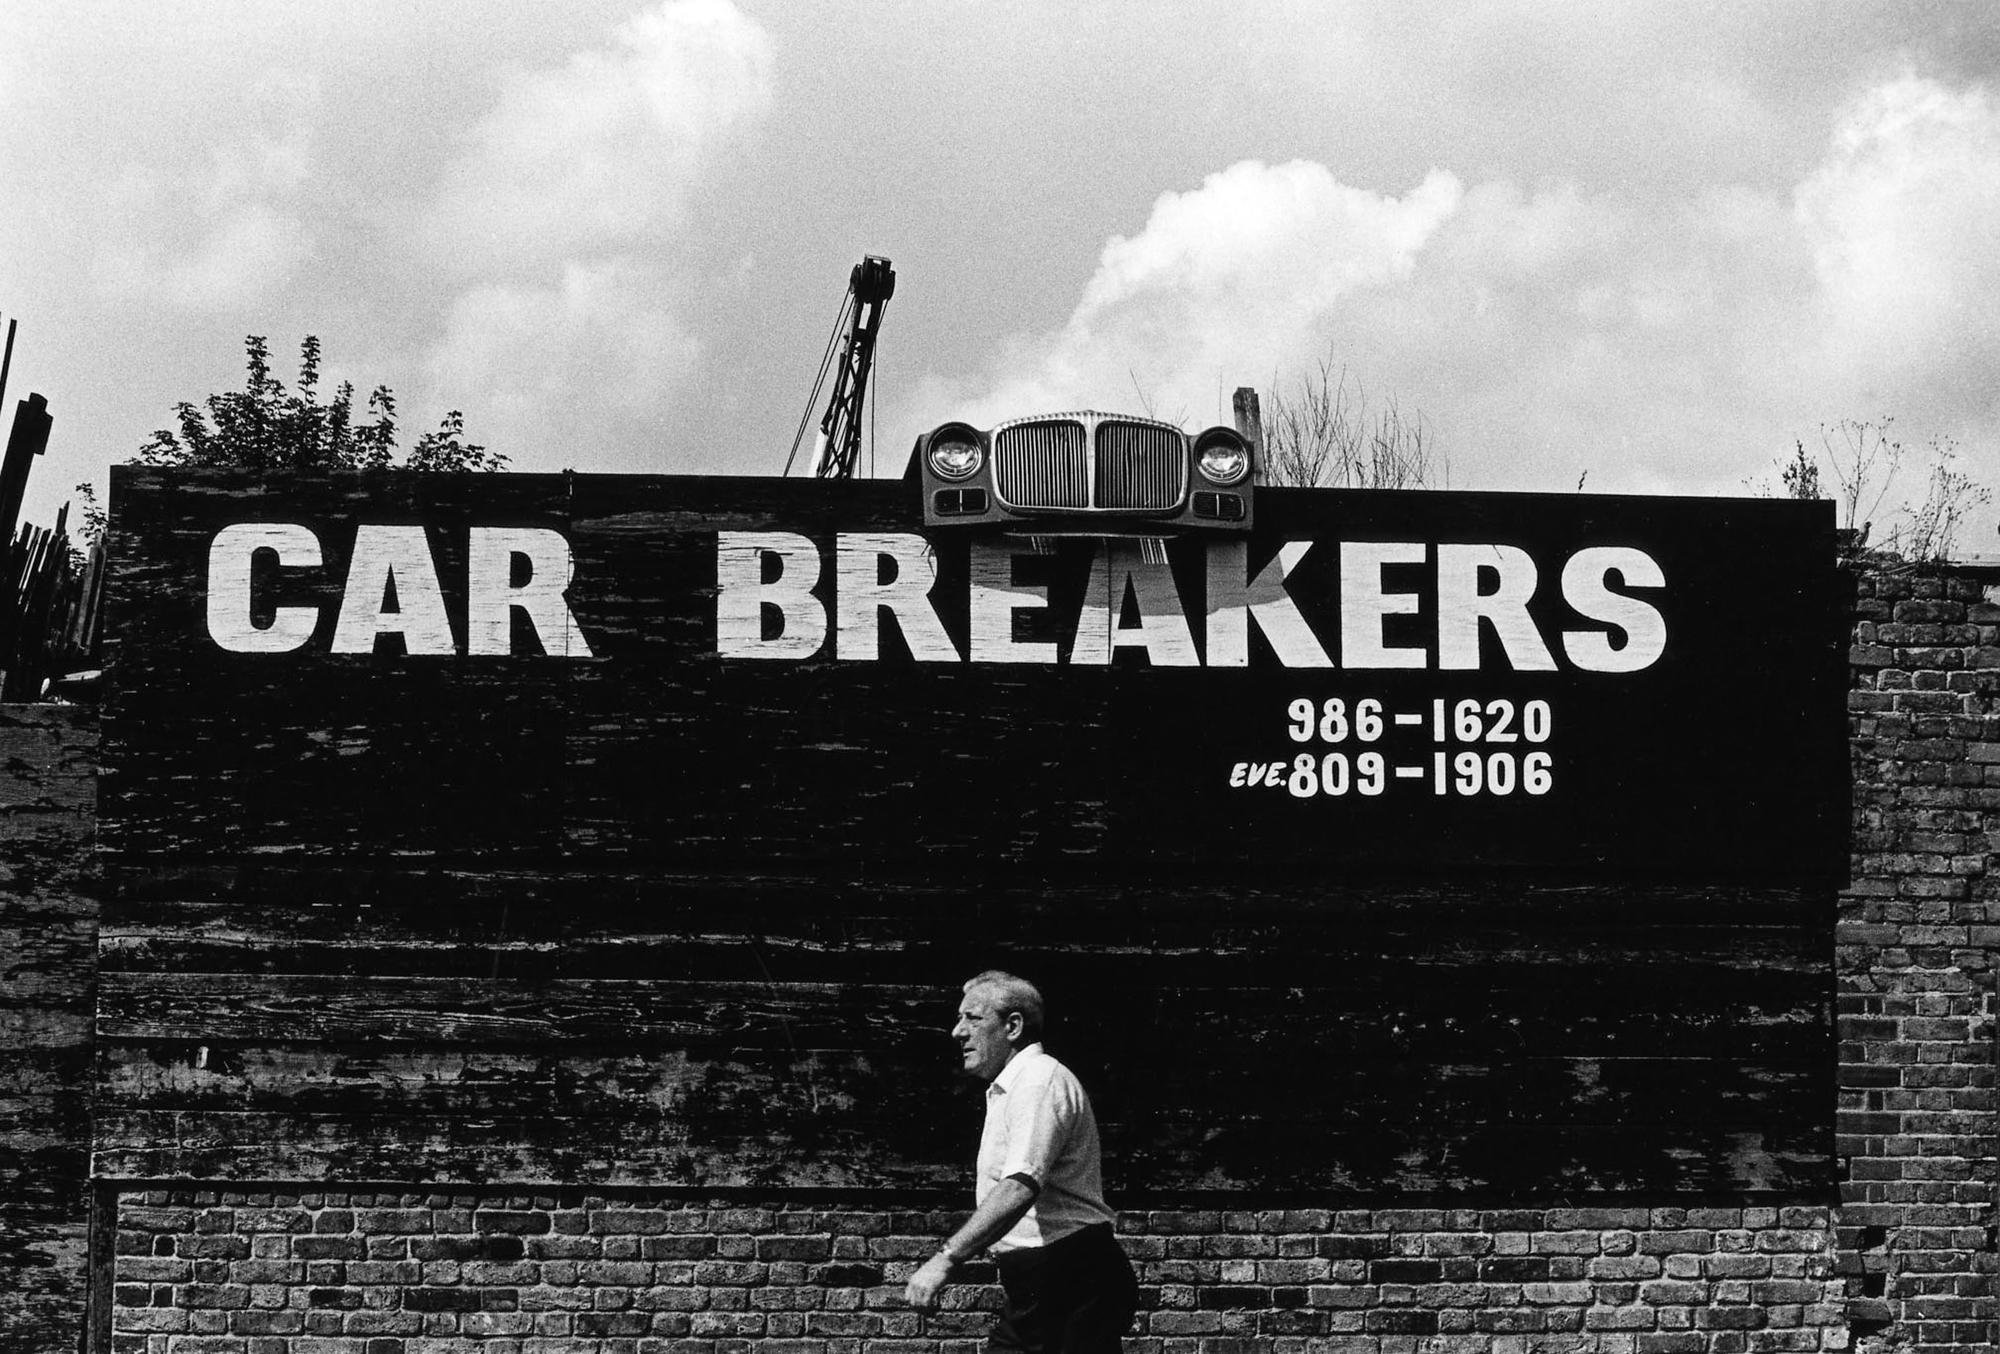 LONDON LIFE - Car Breakers - Hackney - 1991